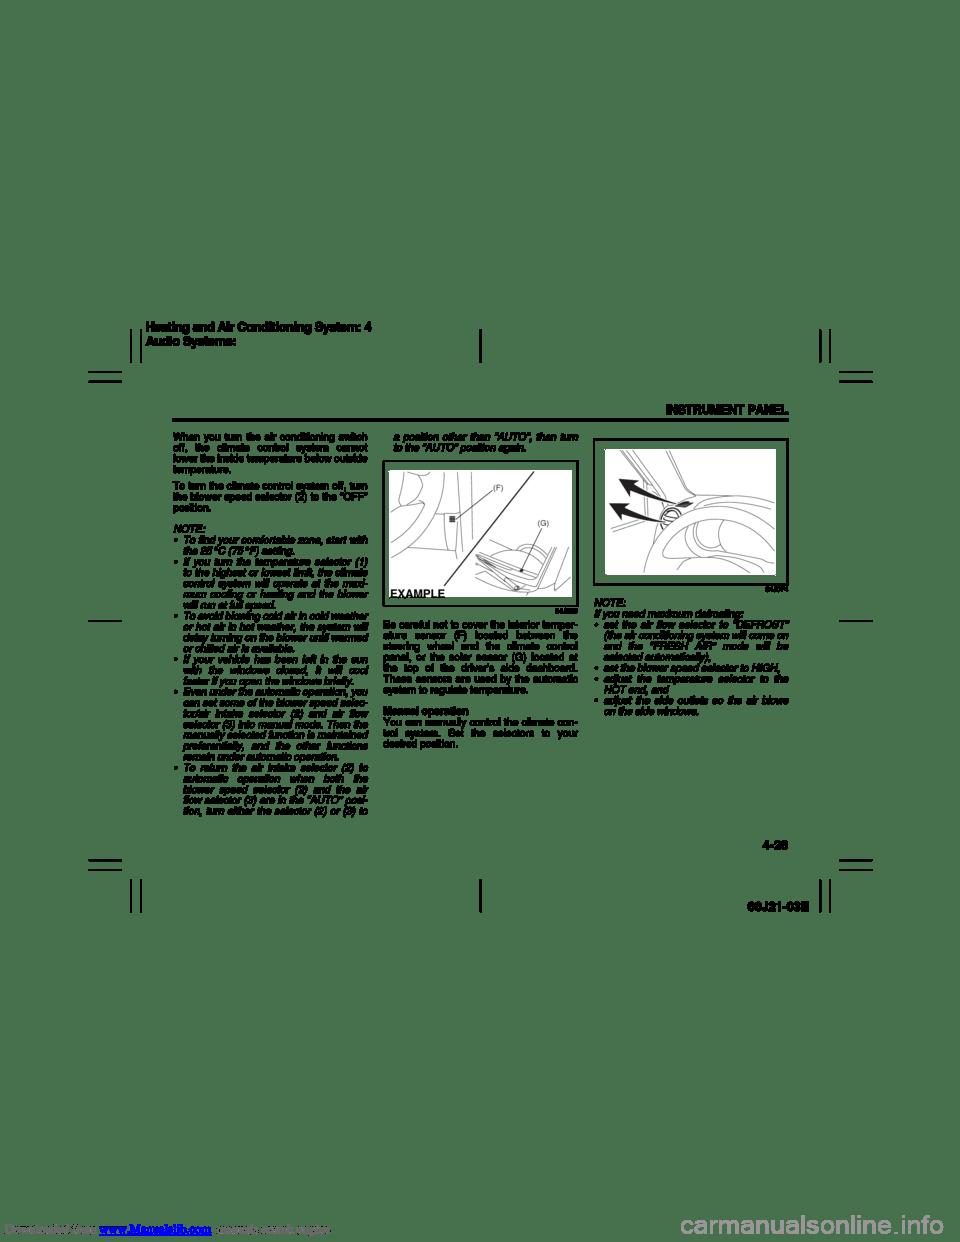 SUZUKI GRAND VITARA 2007 3.G Manual Online (211 Pages)